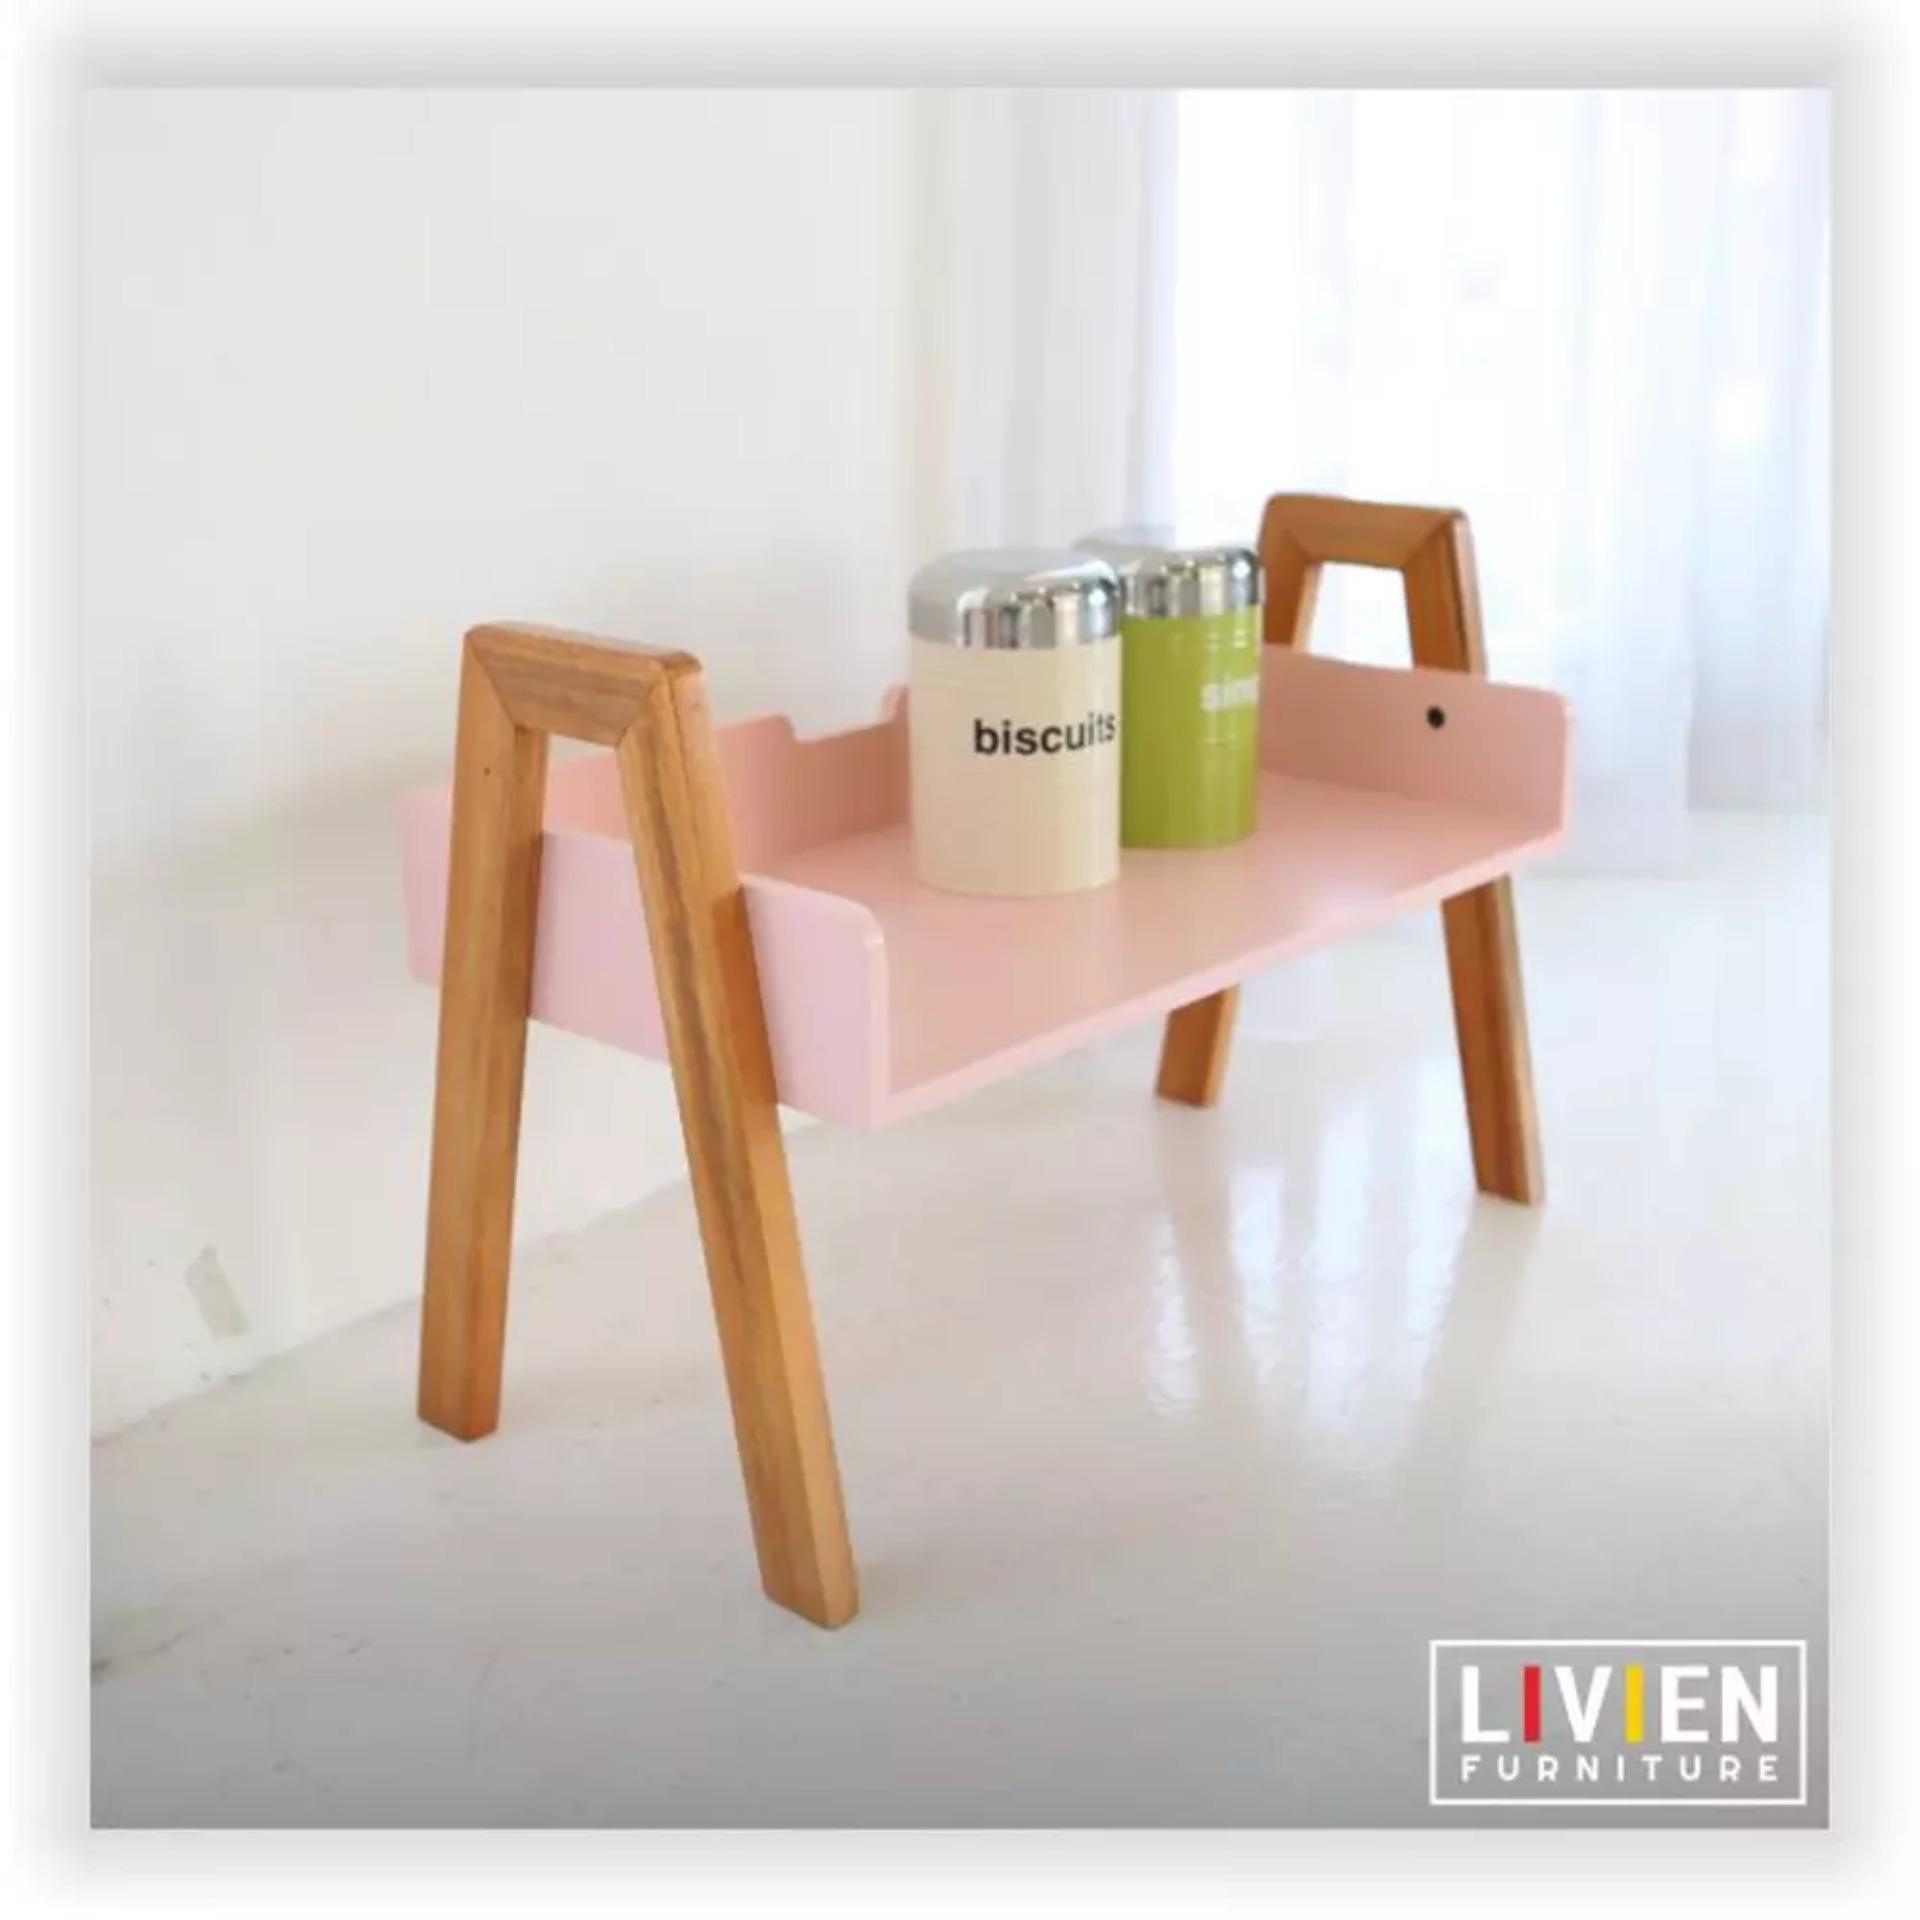 Jual Rak Susun Happiness Livien Furniture Harga Rp 355000 Barabatu Furnitur Skandinavia Kayu Jati Dekorasi Rumah Kafe